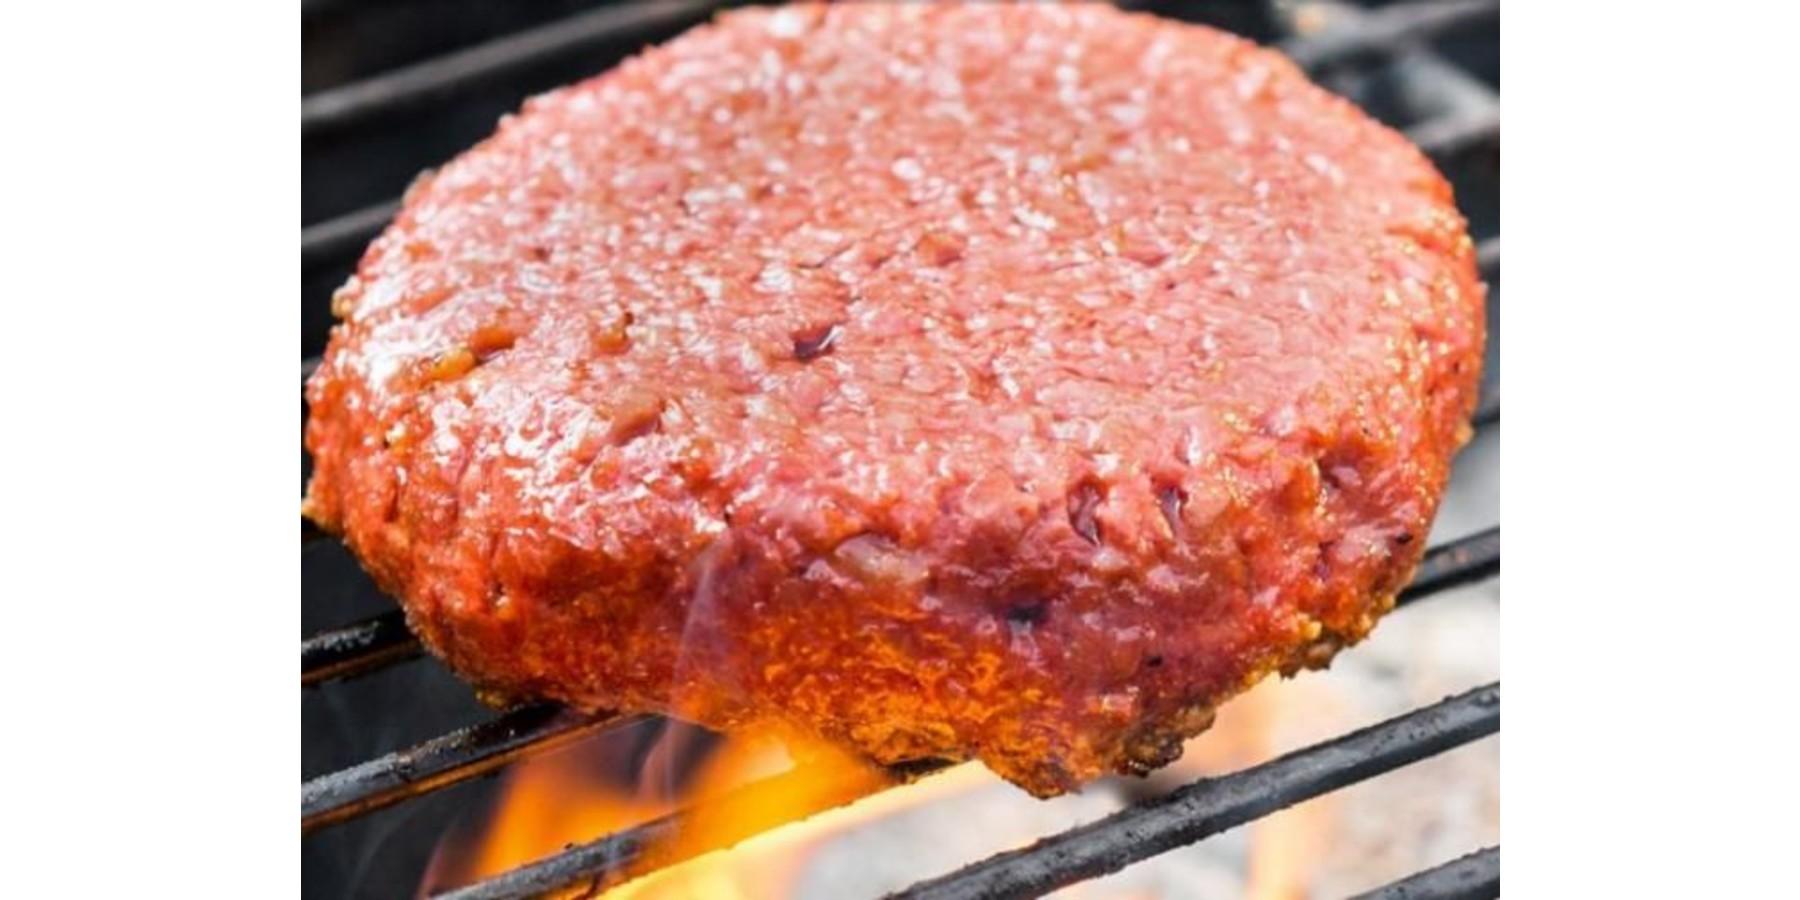 Beef Exclusief Beyond Burger plantaardige hamburger